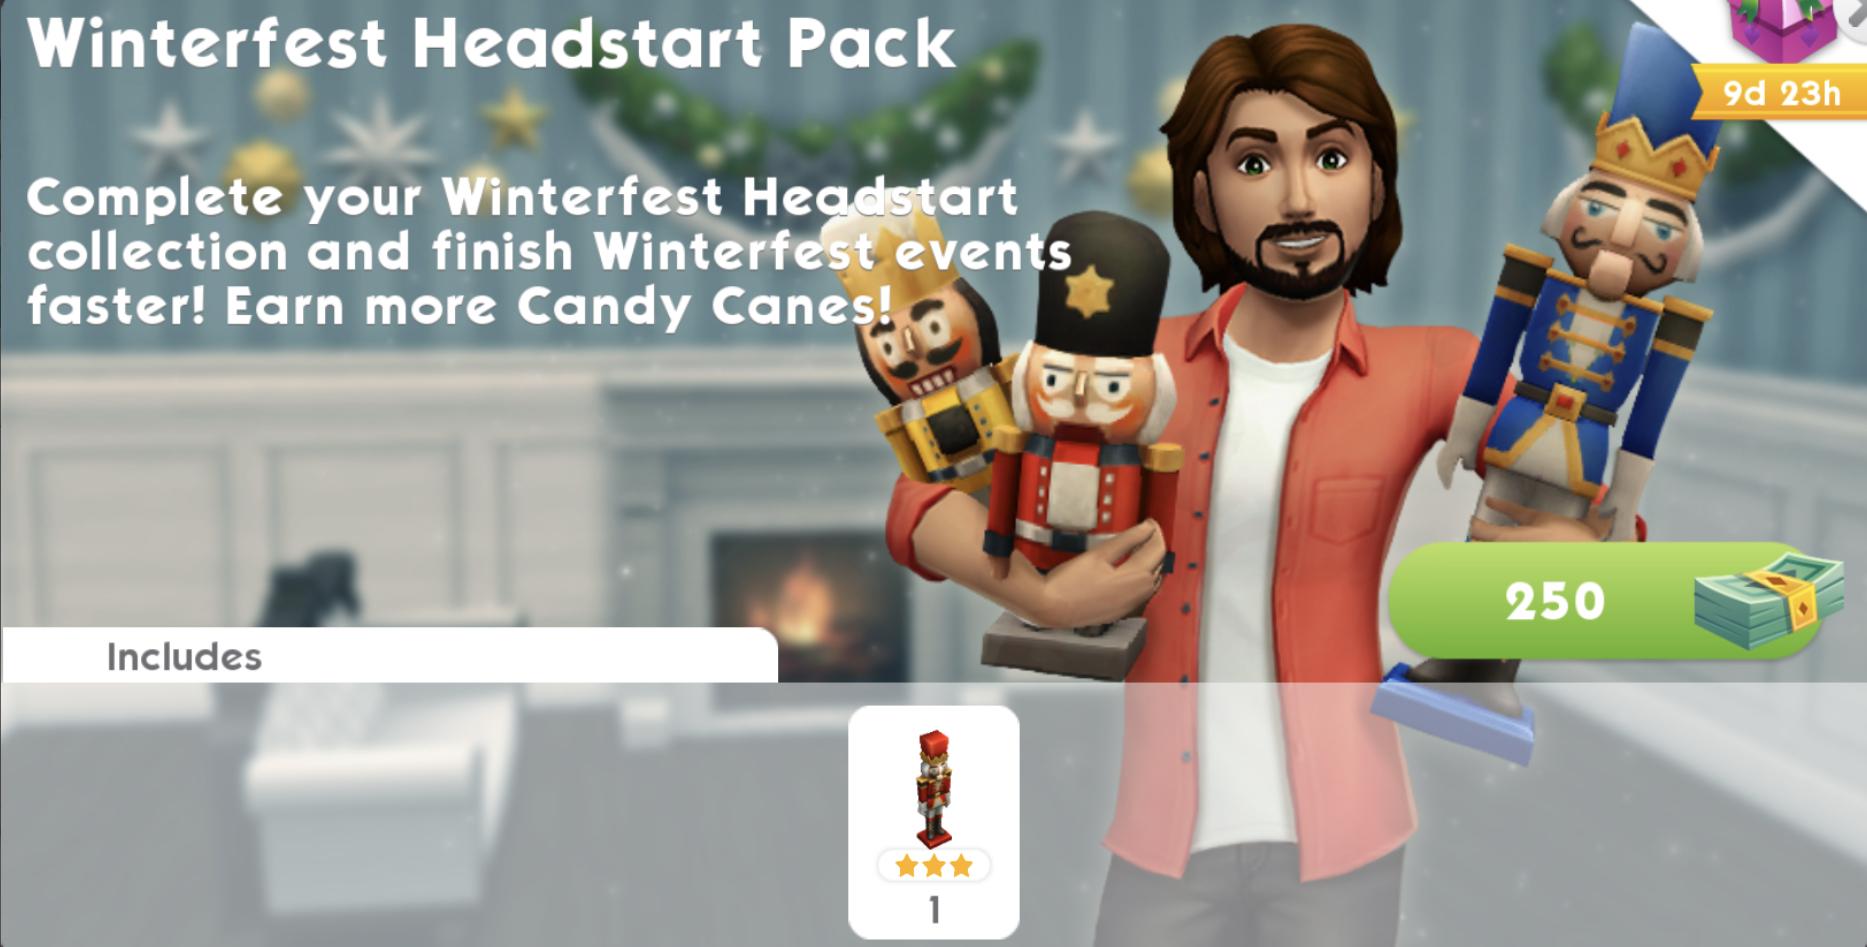 WinterfestHeadstartPack-December2018